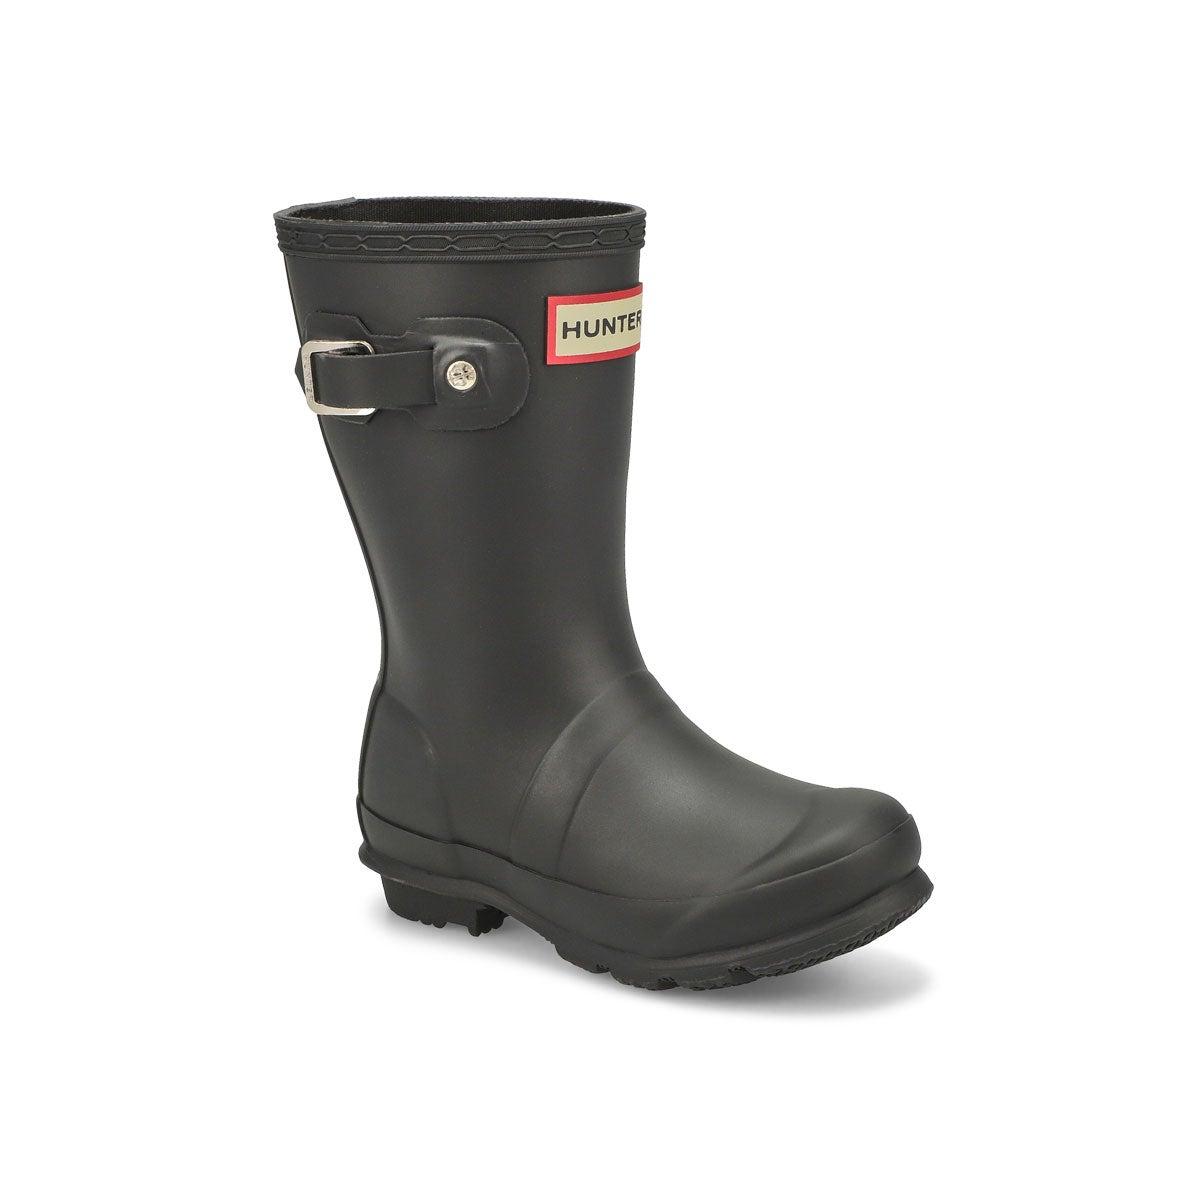 Infs Original Little black rain boot